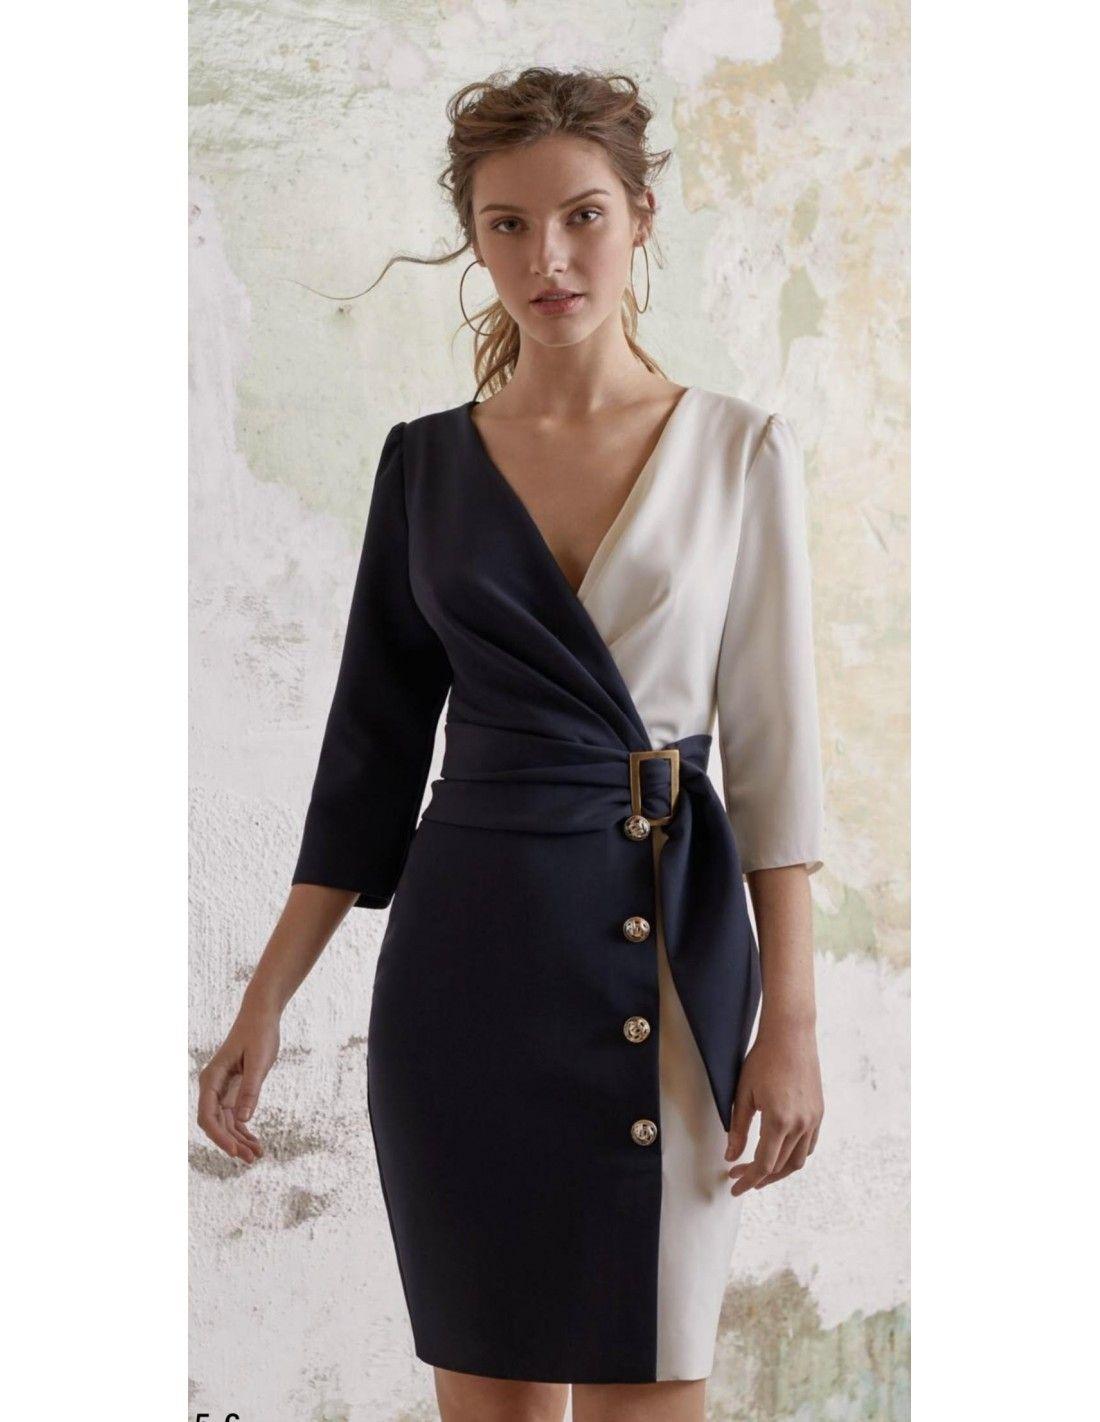 21543e2f78034 Vestido Sabina - Vestido bicolor en color azul y blanco. Escote efecto  cruzado. Detalle